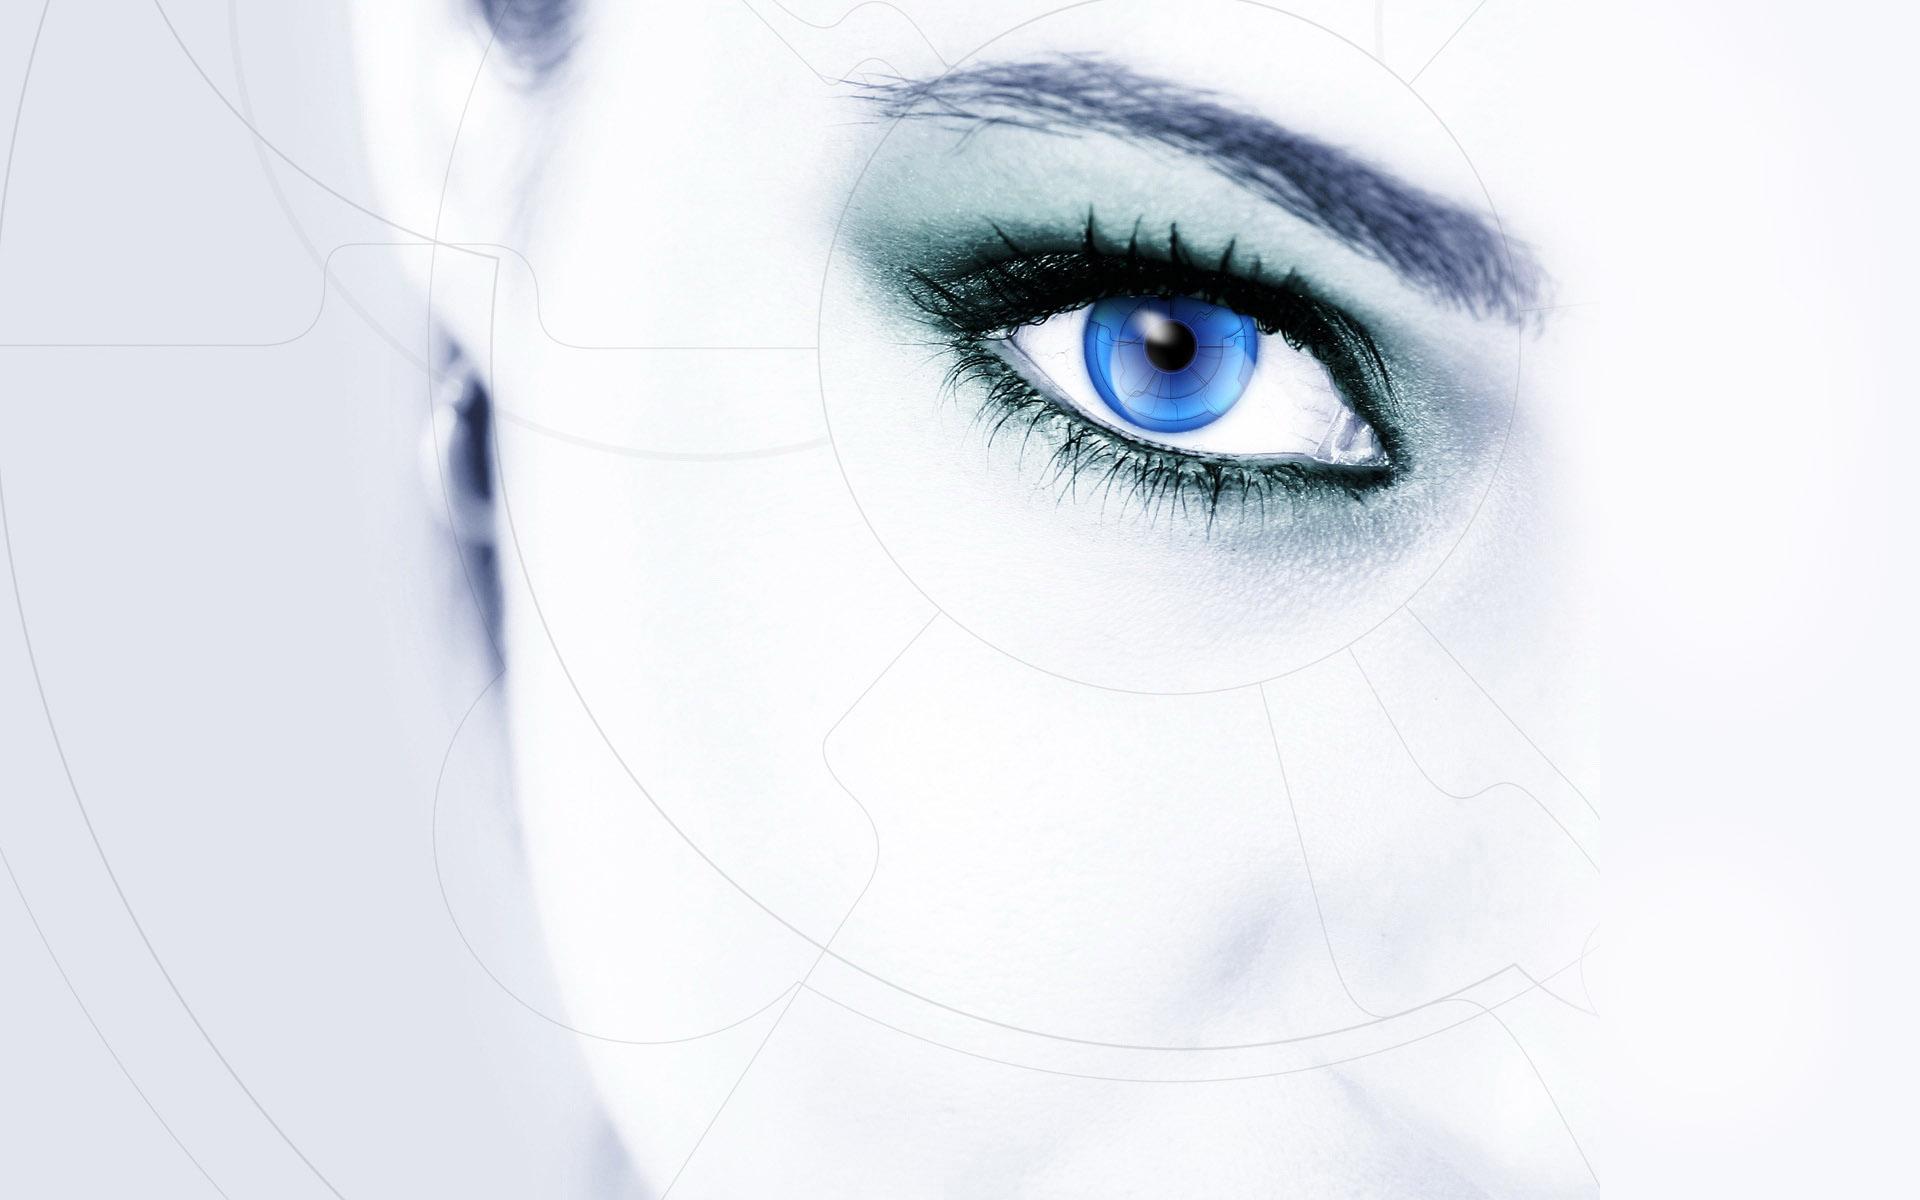 Как сделать чб фото с глазами